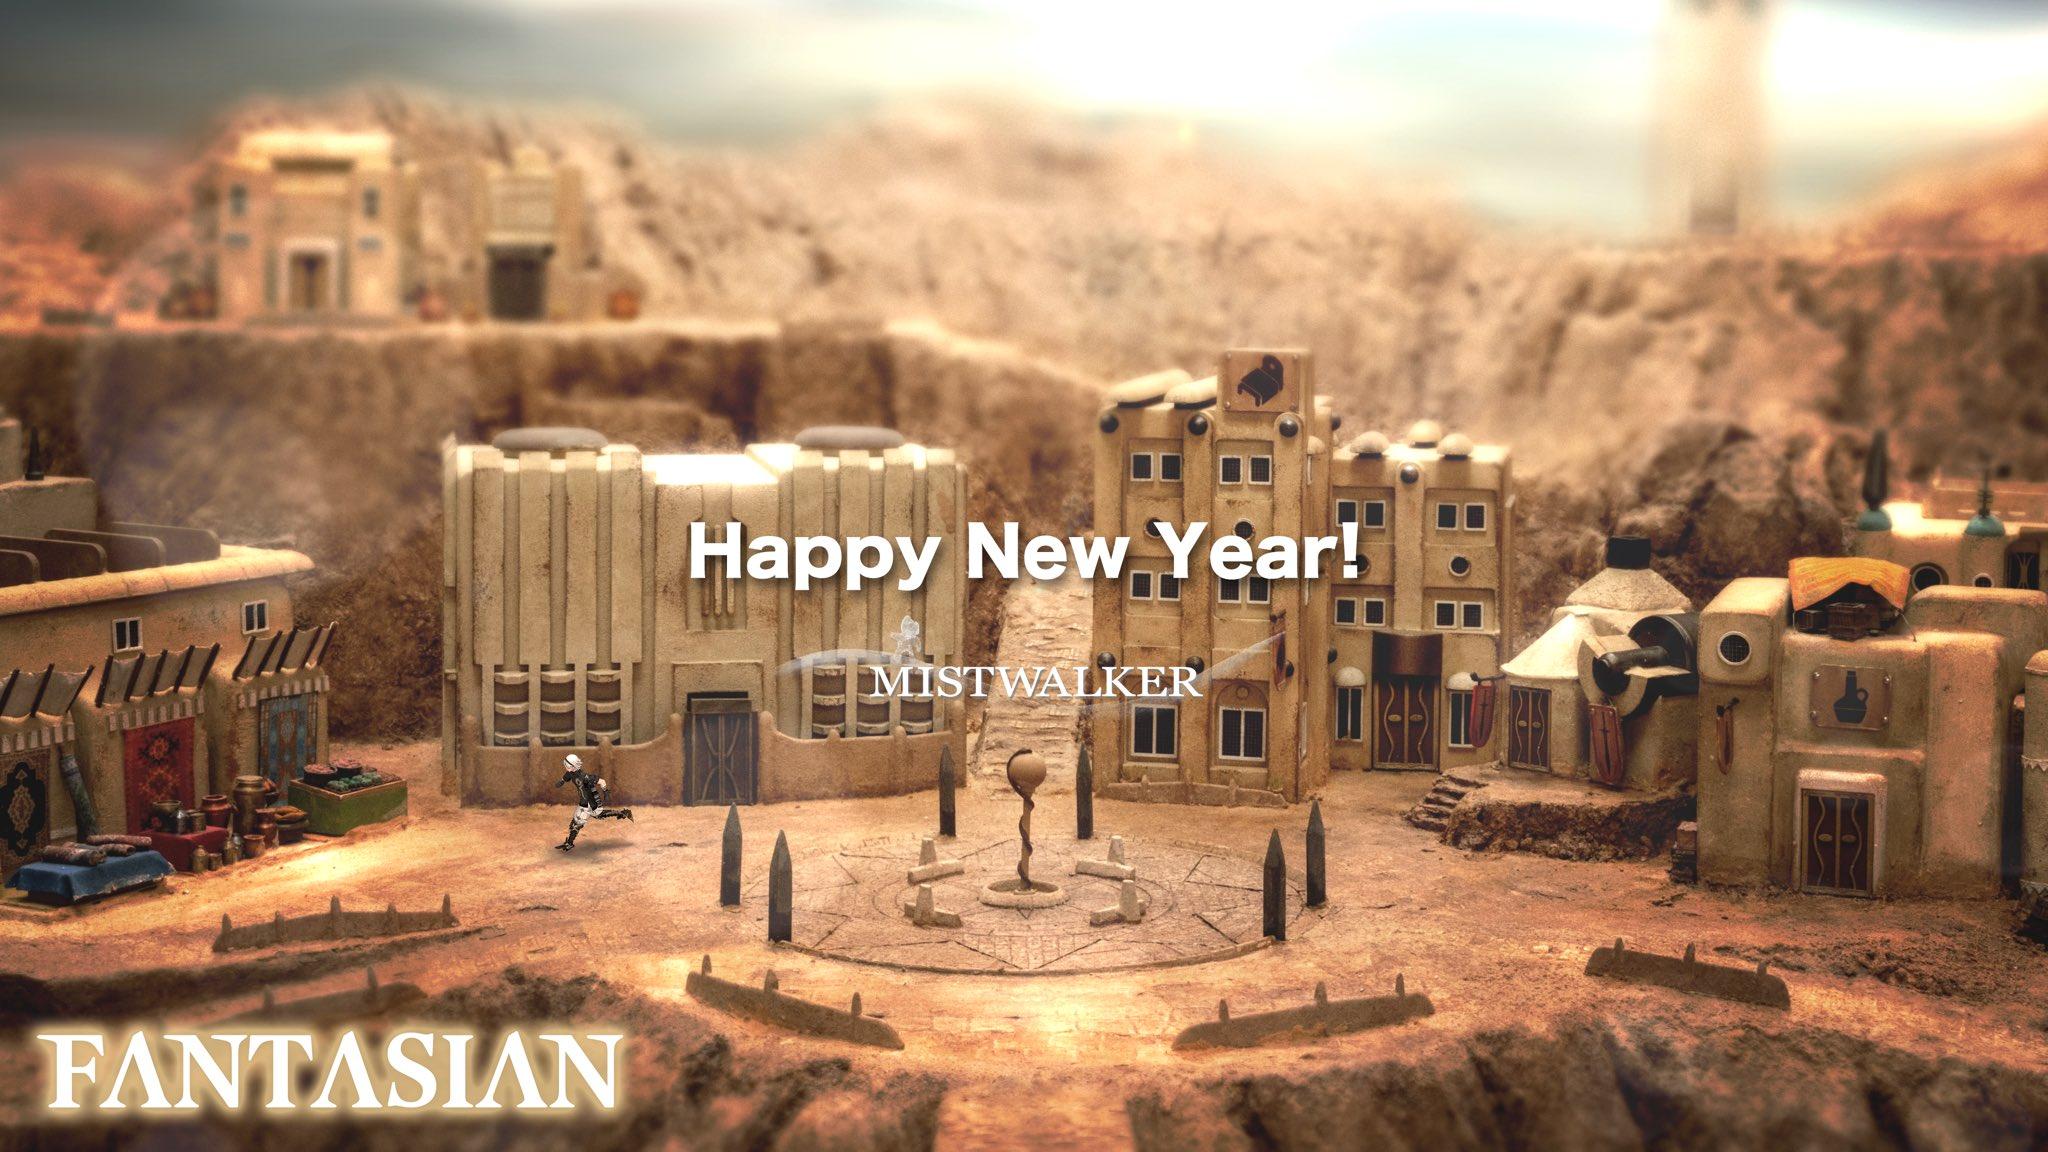 坂口博信新作《Fantasian》即将开发完成 将于年内发售